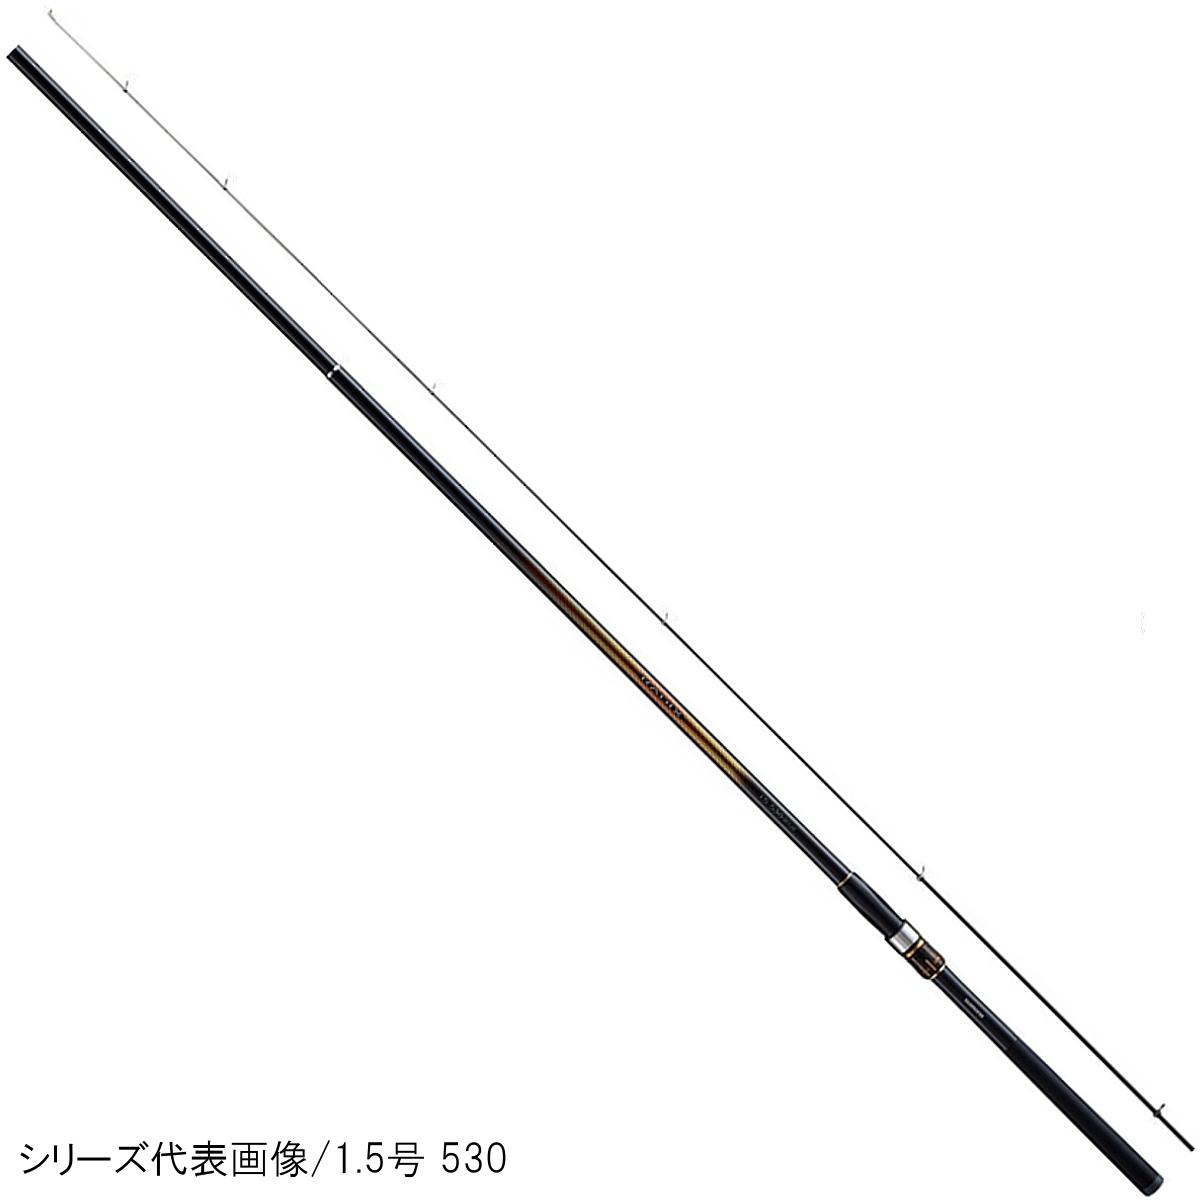 シマノ ラディックス 1.7号 530【送料無料】